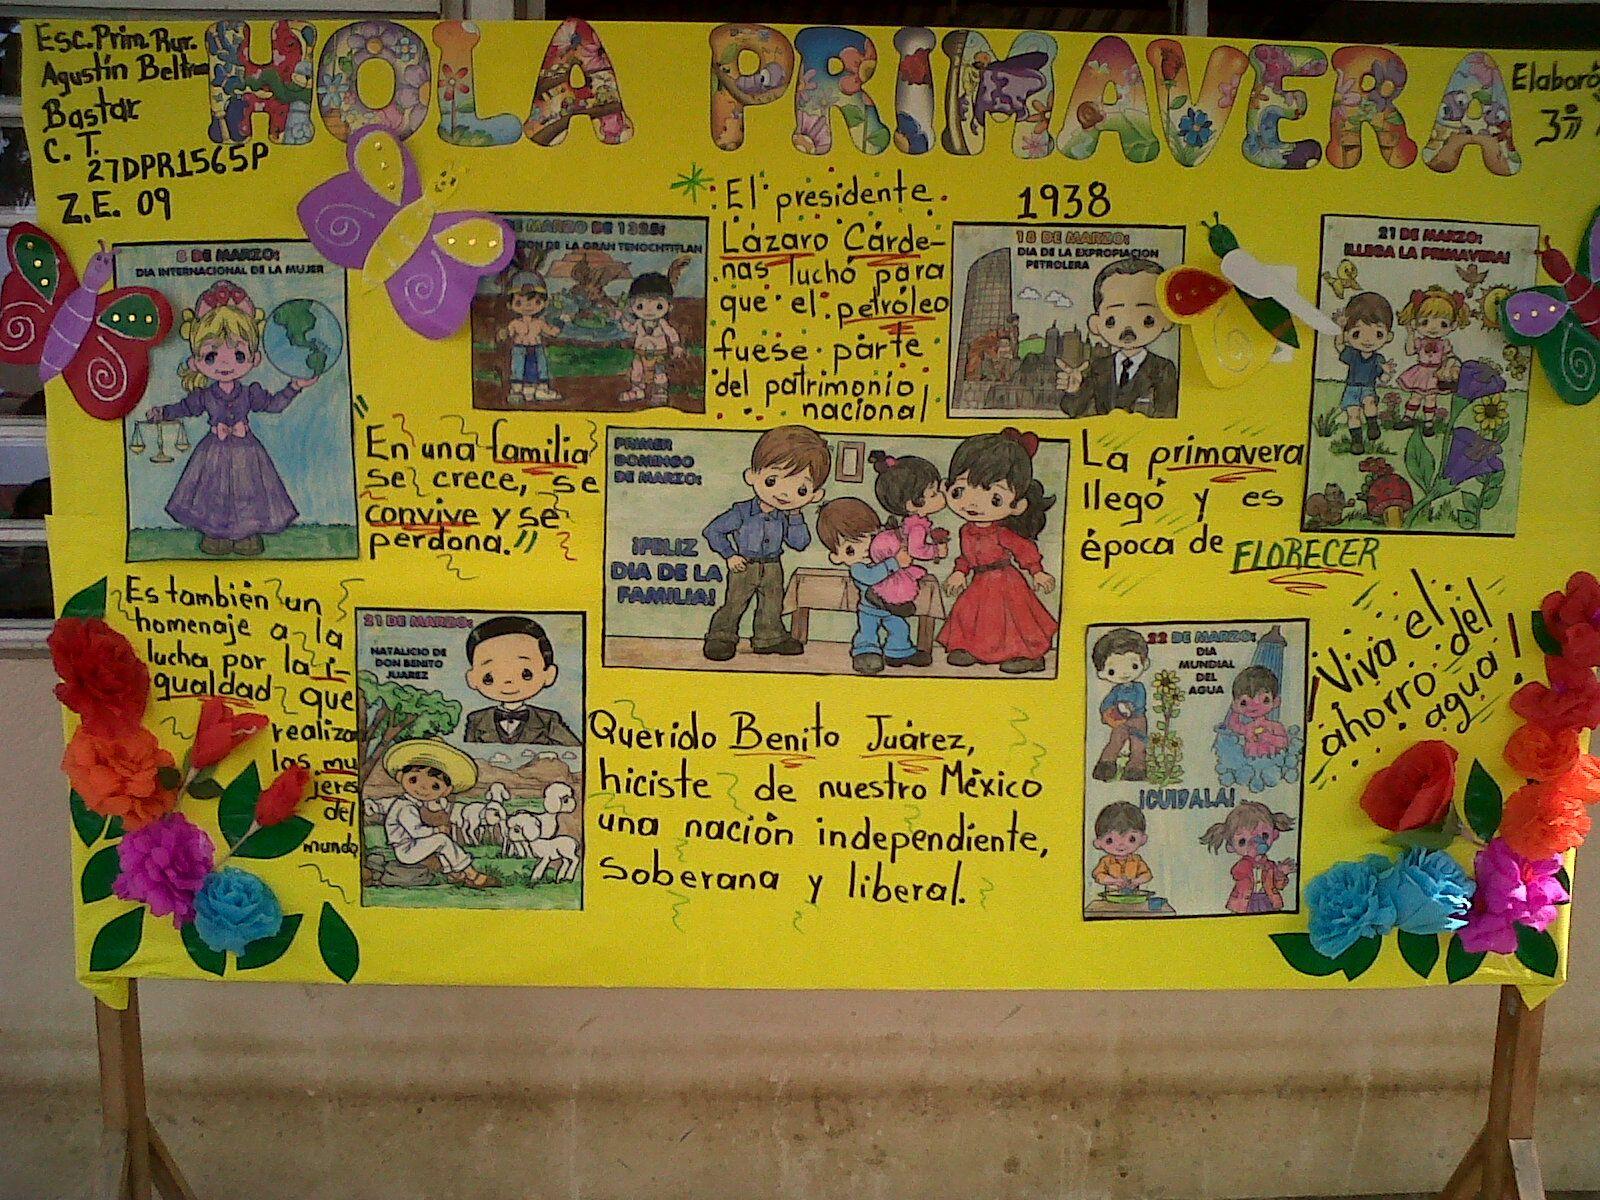 Periodico mural buscar con google peri dico mural for El mural periodico